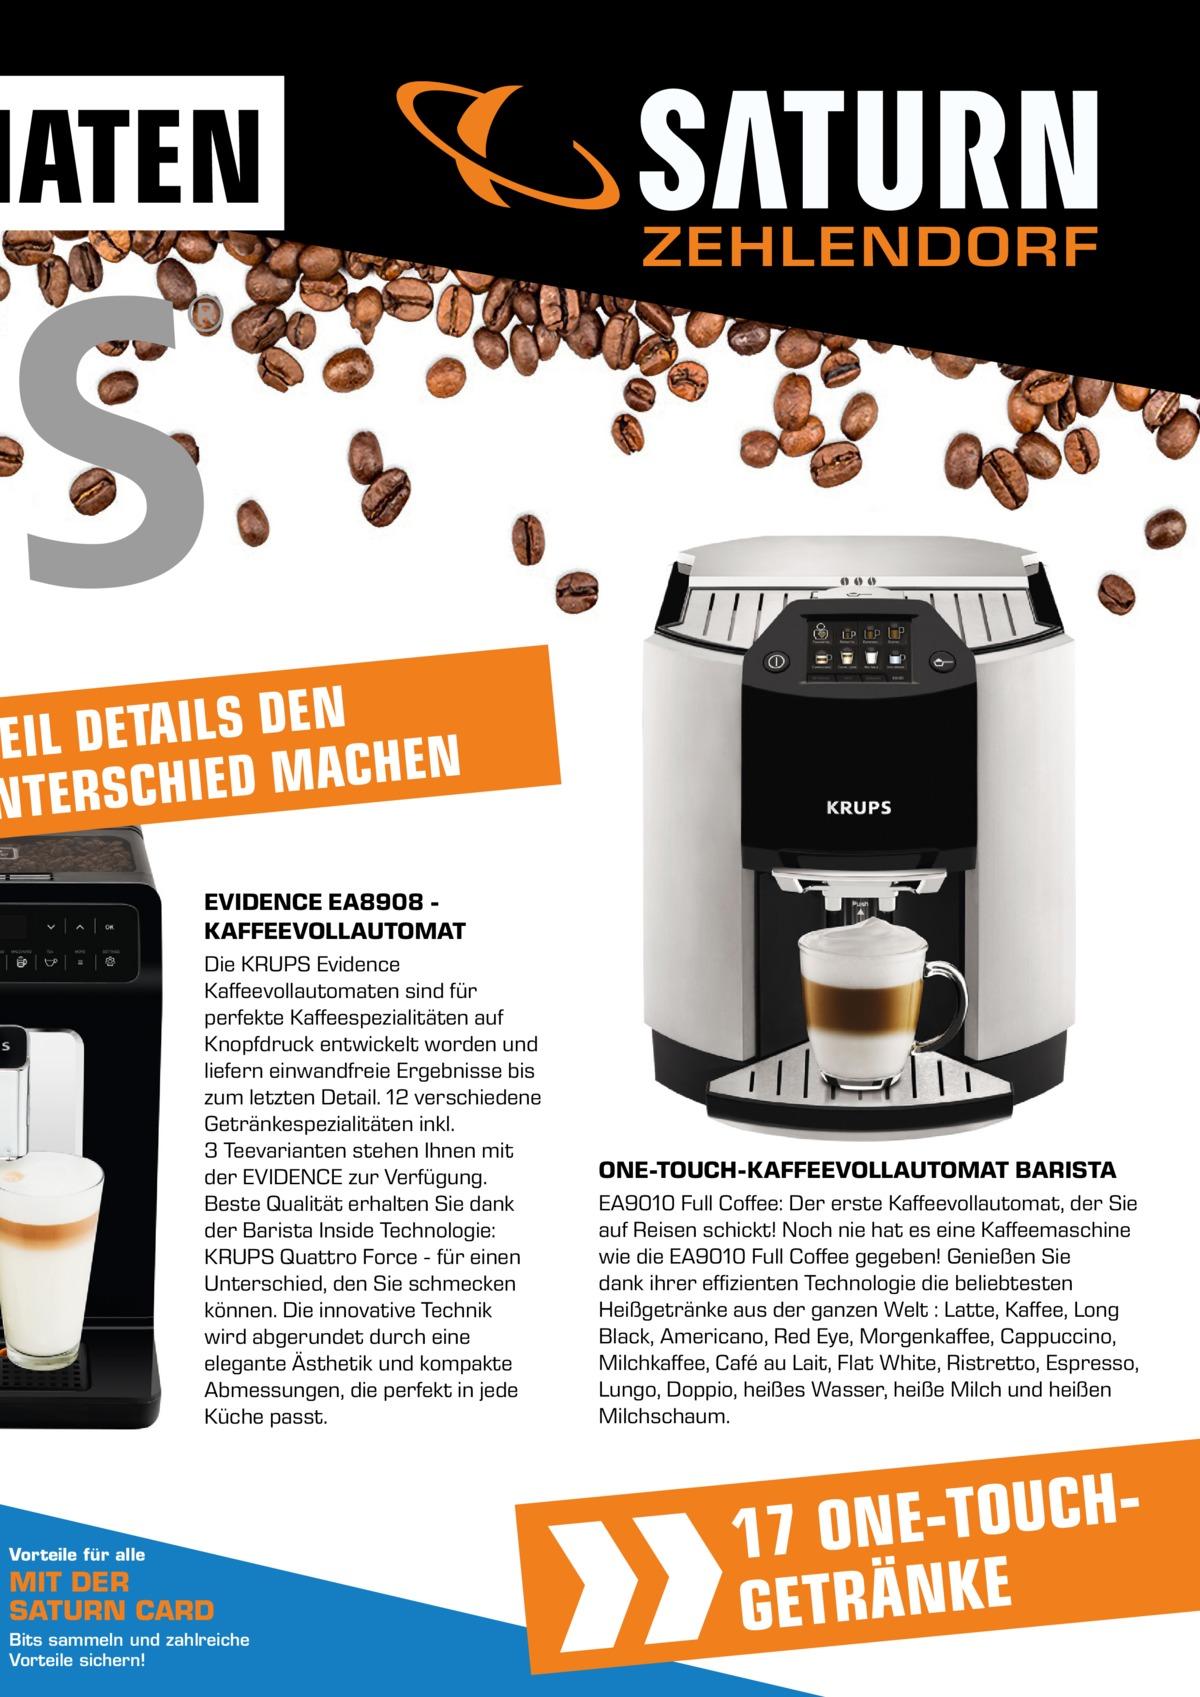 MATEN  ZEHLENDORF  N E D S L I A T E D L I E EN H C A M D E I H C NTERS EVIDENCE EA8908 KAFFEEVOLLAUTOMAT Die KRUPS Evidence Kaffeevollautomaten sind für perfekte Kaffeespezialitäten auf Knopfdruck entwickelt worden und liefern einwandfreie Ergebnisse bis zum letzten Detail. 12 verschiedene Getränkespezialitäten inkl. 3Teevarianten stehen Ihnen mit der EVIDENCE zur Verfügung. Beste Qualität erhalten Sie dank der Barista Inside Technologie: KRUPS Quattro Force - für einen Unterschied, den Sie schmecken können. Die innovative Technik wird abgerundet durch eine elegante Ästhetik und kompakte Abmessungen, die perfekt in jede Küche passt.  Vorteile für alle  MIT DER SATURN CARD Bits sammeln und zahlreiche Vorteile sichern!  ONE-TOUCH-KAFFEEVOLLAUTOMAT BARISTA EA9010 Full Coffee: Der erste Kaffeevollautomat, der Sie auf Reisen schickt! Noch nie hat es eine Kaffeemaschine wie die EA9010 Full Coffee gegeben! Genießen Sie dank ihrer effizienten Technologie die beliebtesten Heißgetränke aus der ganzen Welt : Latte, Kaffee, Long Black, Americano, Red Eye, Morgenkaffee, Cappuccino, Milchkaffee, Café au Lait, Flat White, Ristretto, Espresso, Lungo, Doppio, heißes Wasser, heiße Milch und heißen Milchschaum.  H C U O T E N 17 O GETRÄNKE